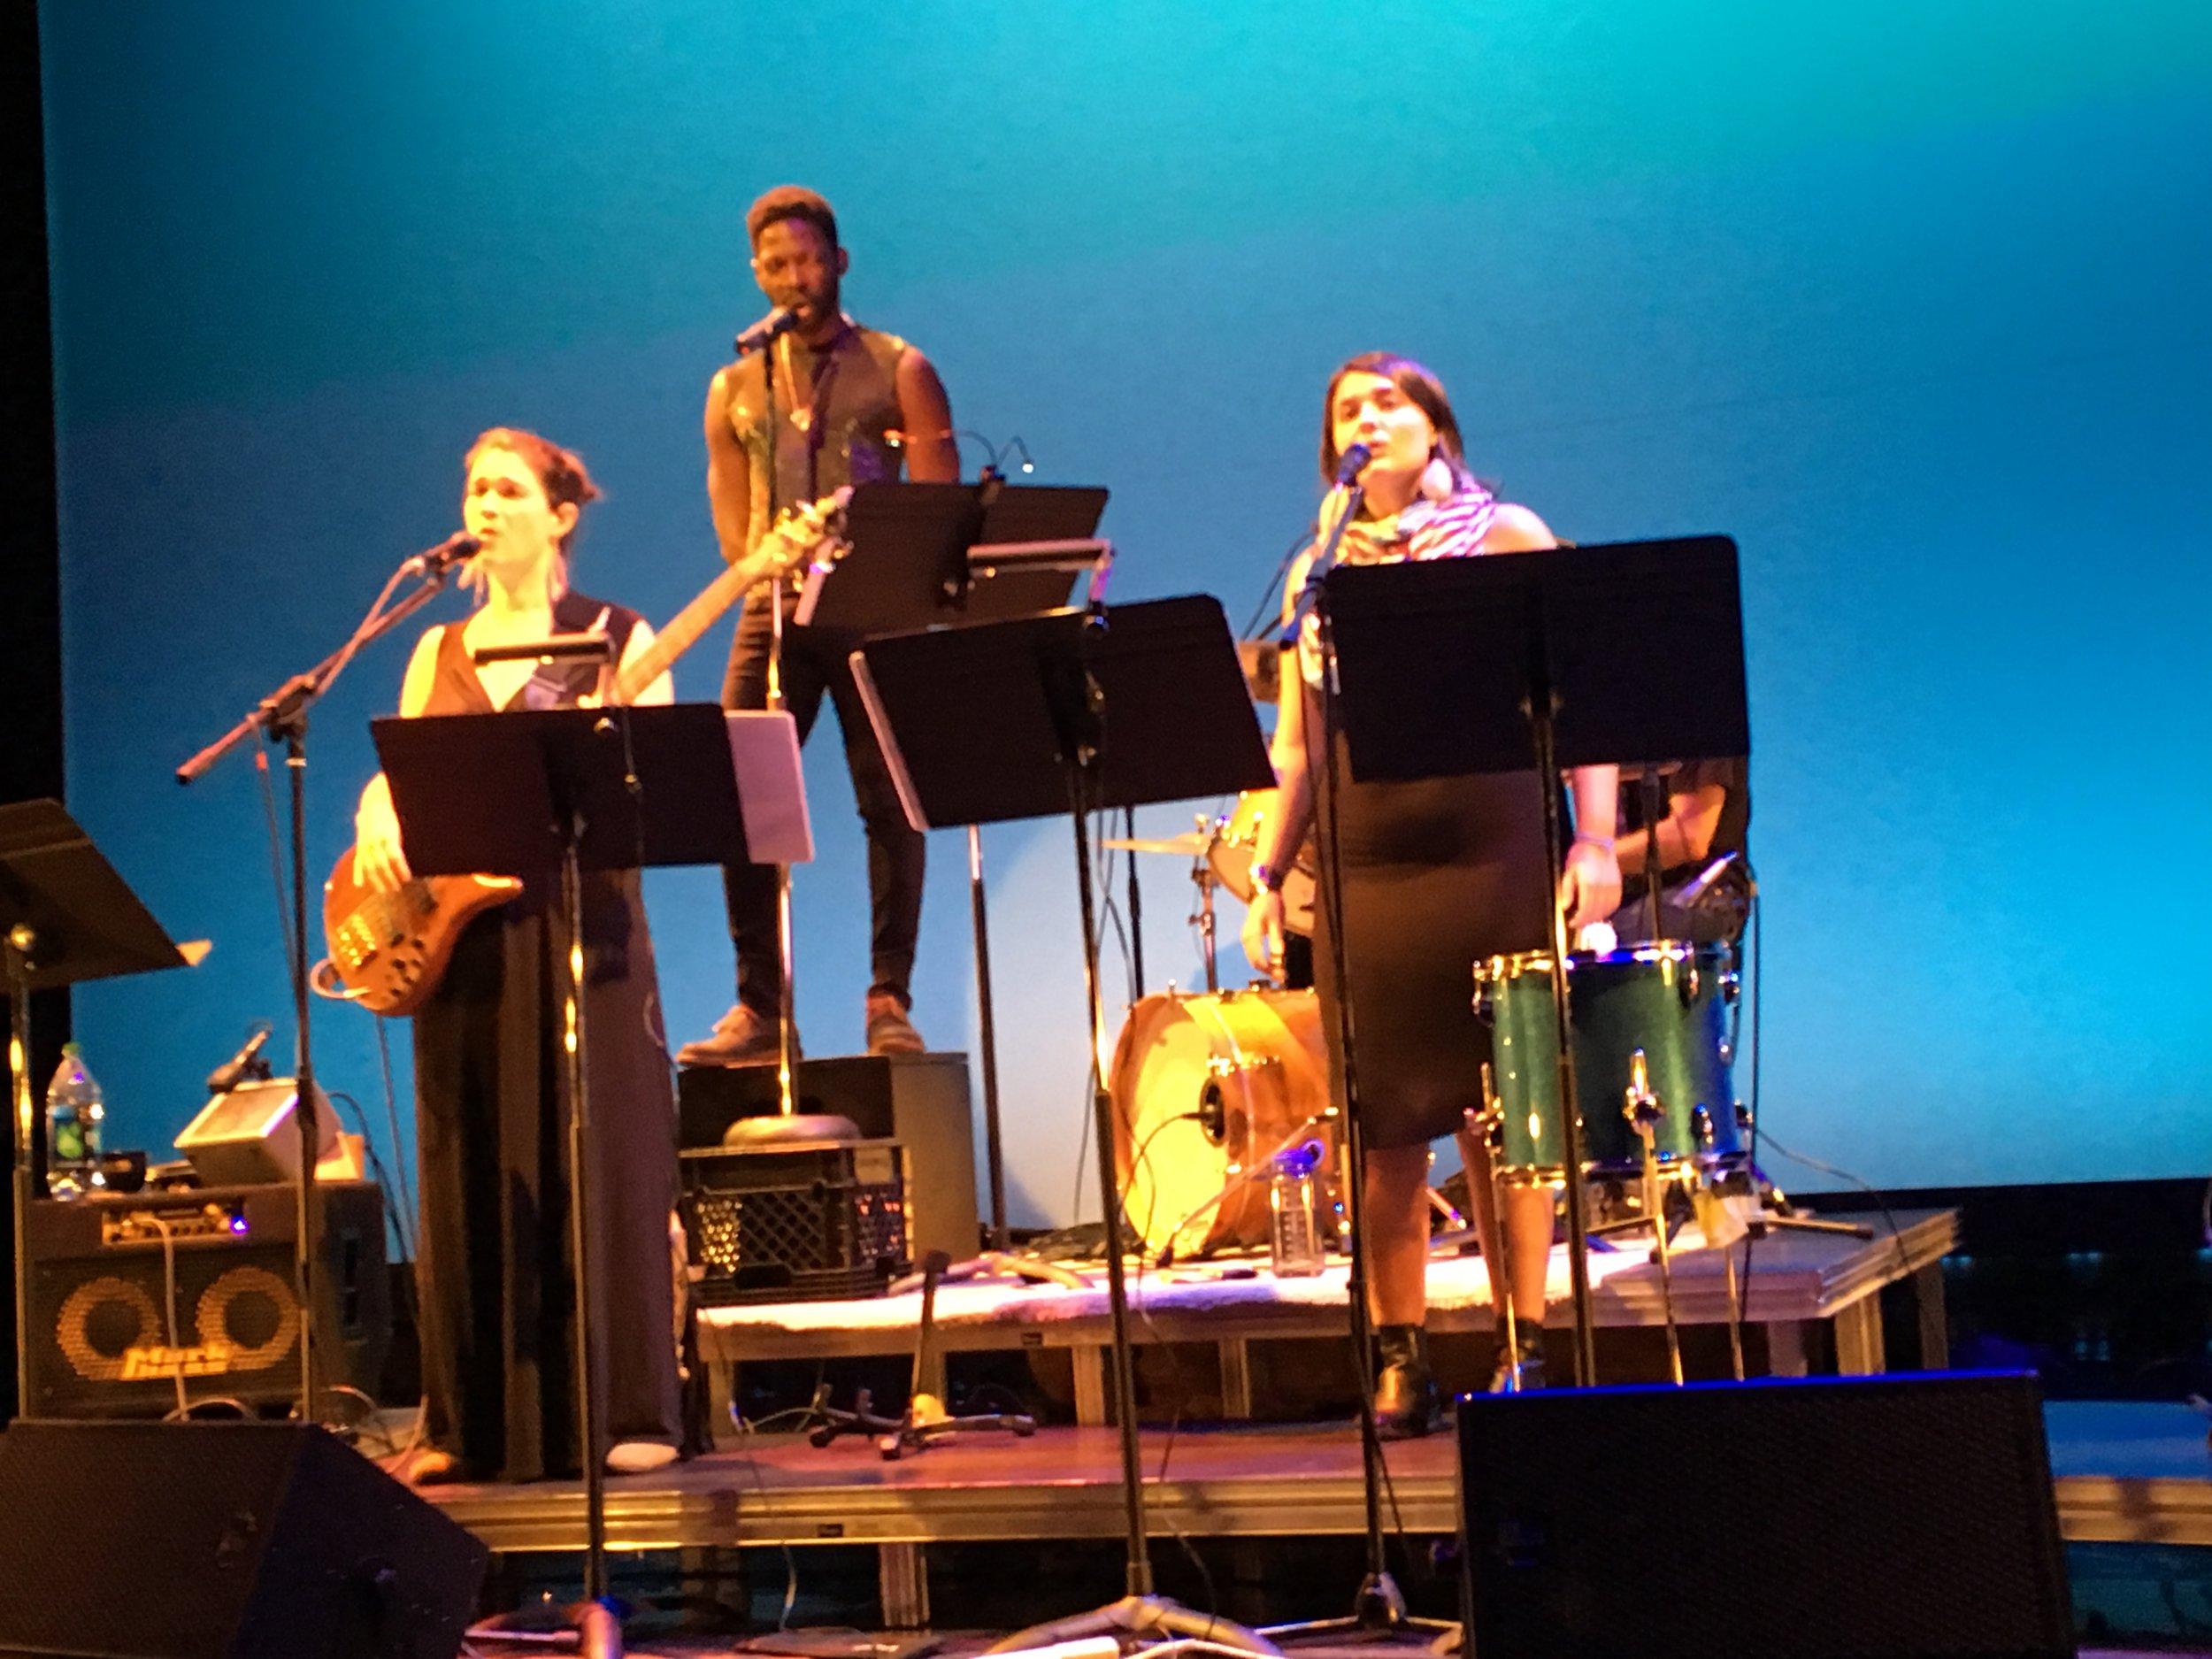 Kate Kilbane, Rotimi Agbabiaka, and Lila Blue in Weightless